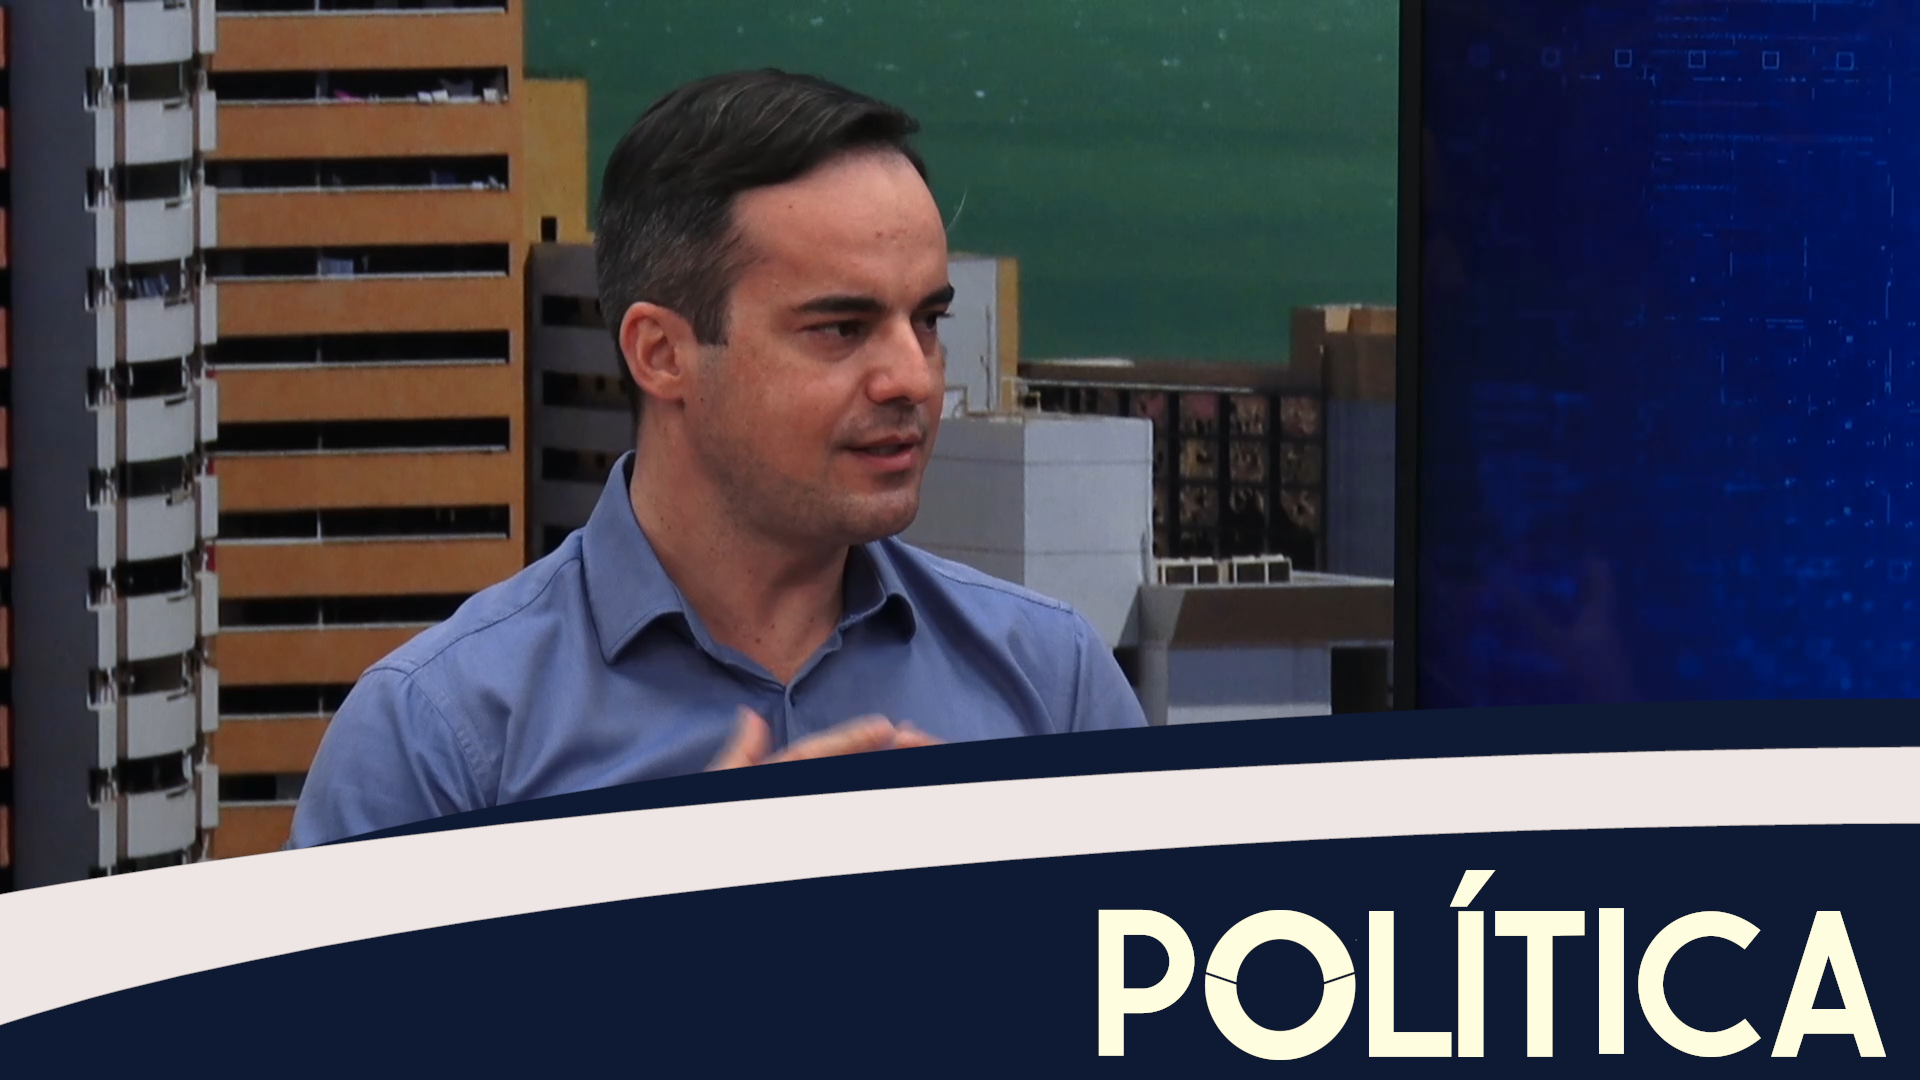 Políticas entrevista Capitão Wagner, Deputado Federal(PROS-CE)